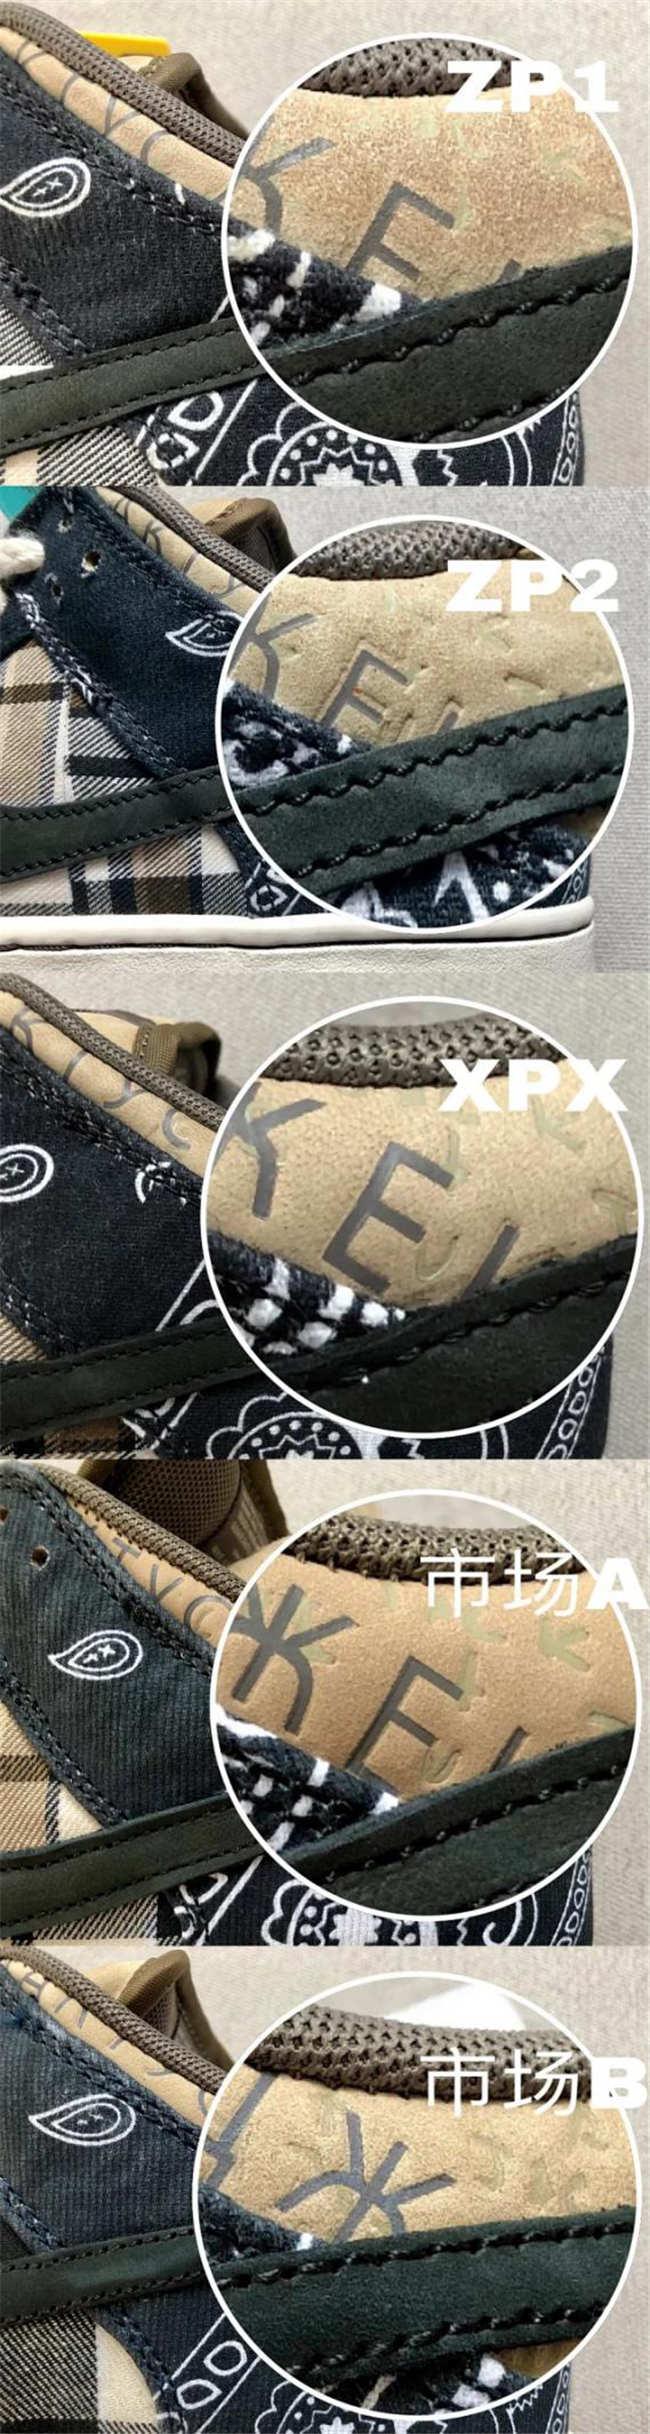 TS Nike sb dunk腰果花真假對比 TS聯名Nike sb dunk腰果花外觀對位細節